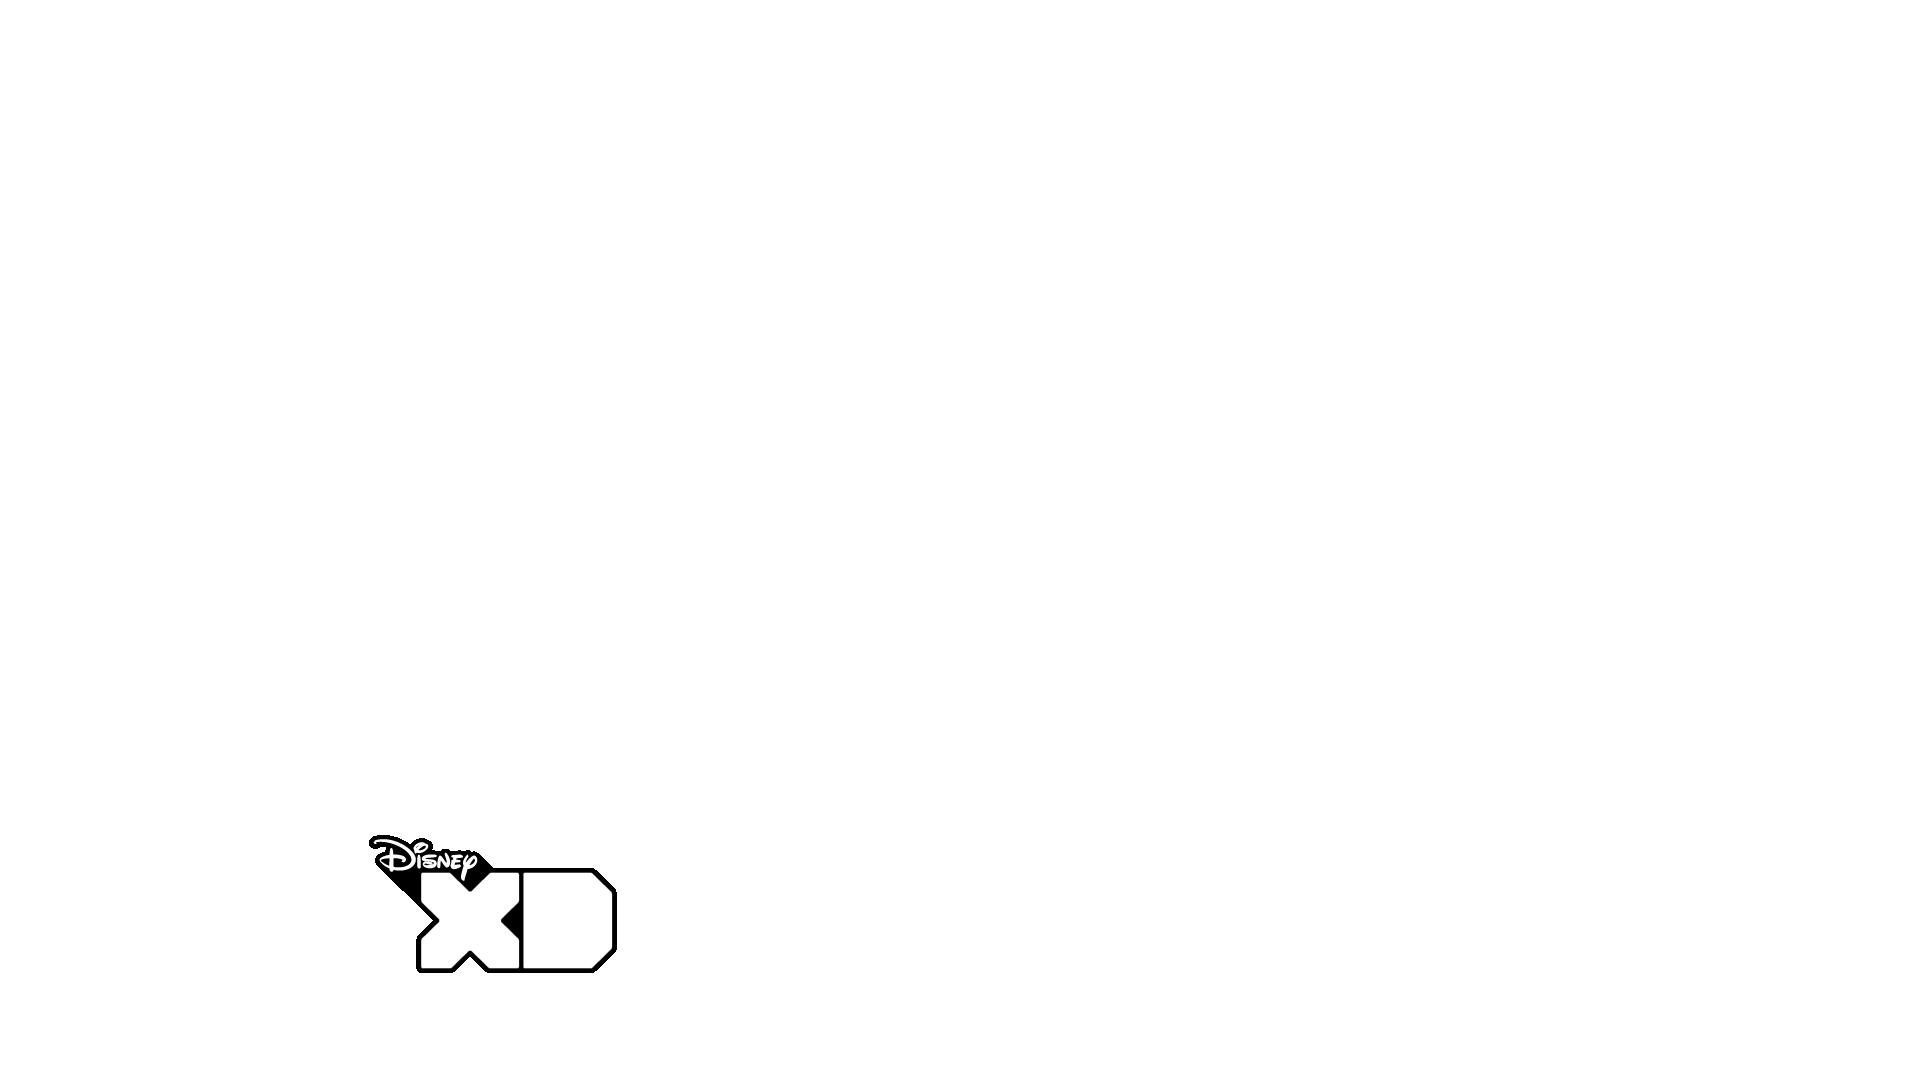 Disney XD/On-Screen Watermarks